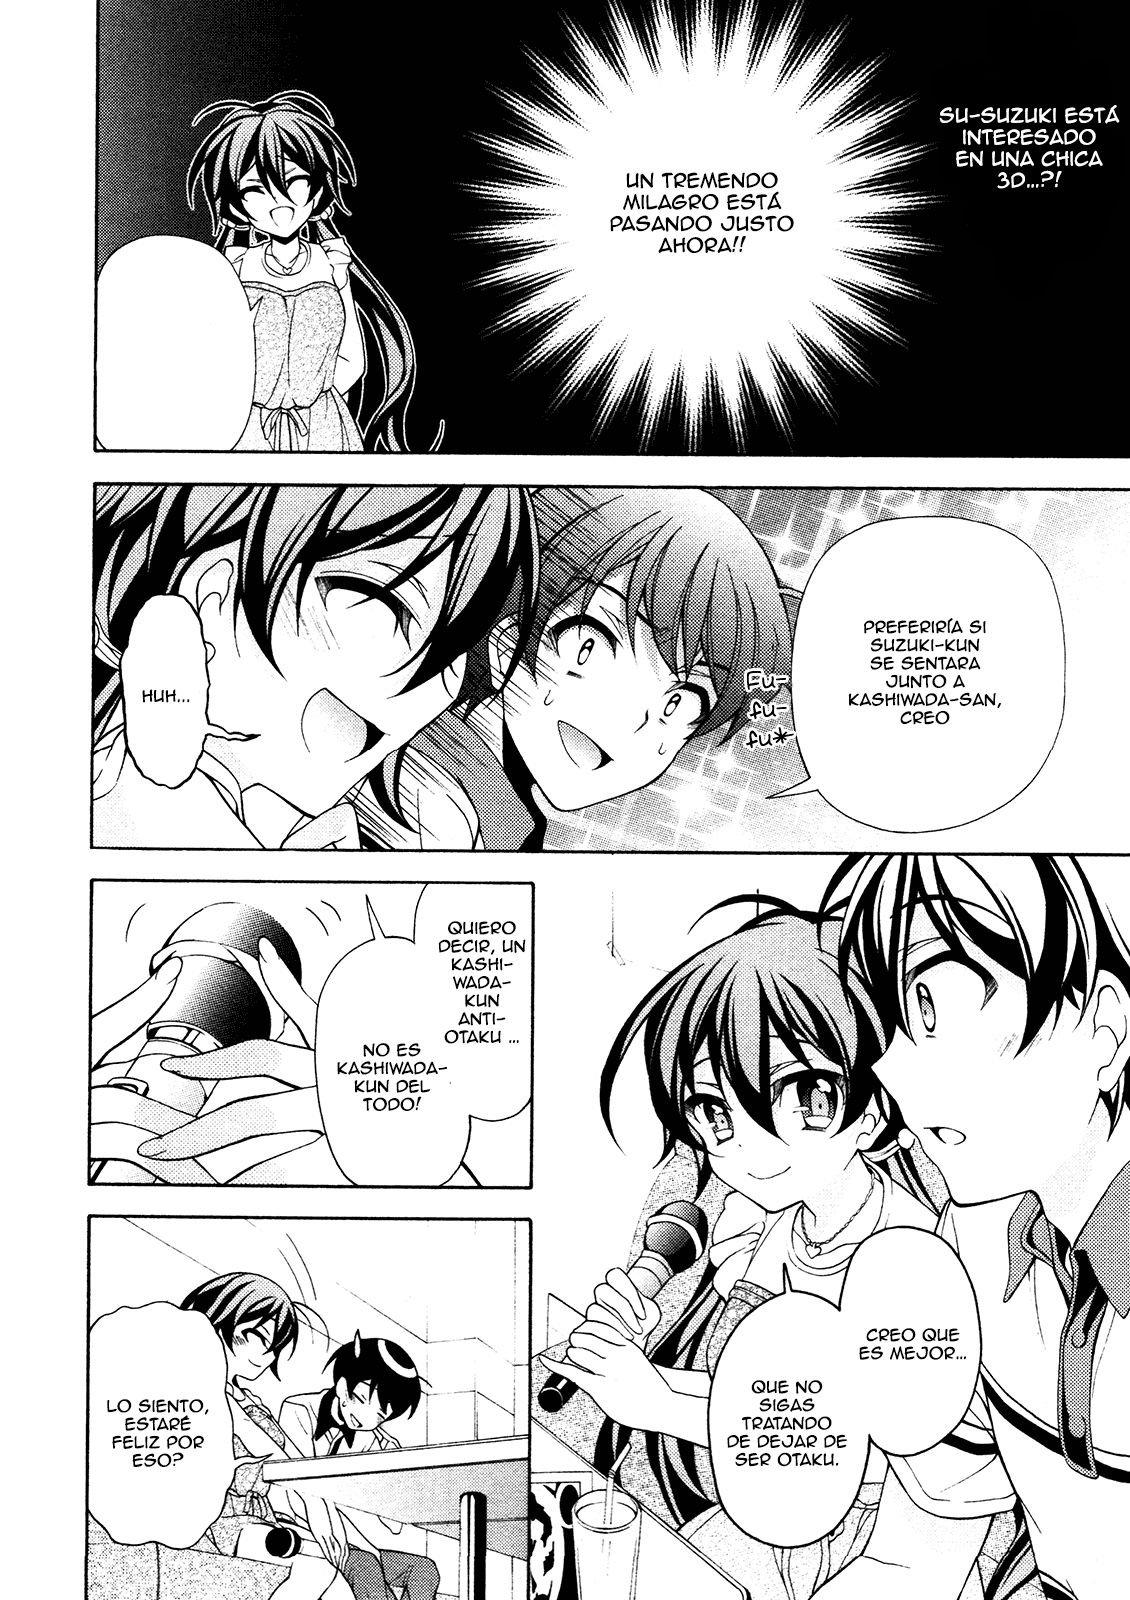 Omae wo Otaku ni Shiteyaru kara- Ore wo Riajuu ni Shitekure! Chapter 23 - YoLoManga.com